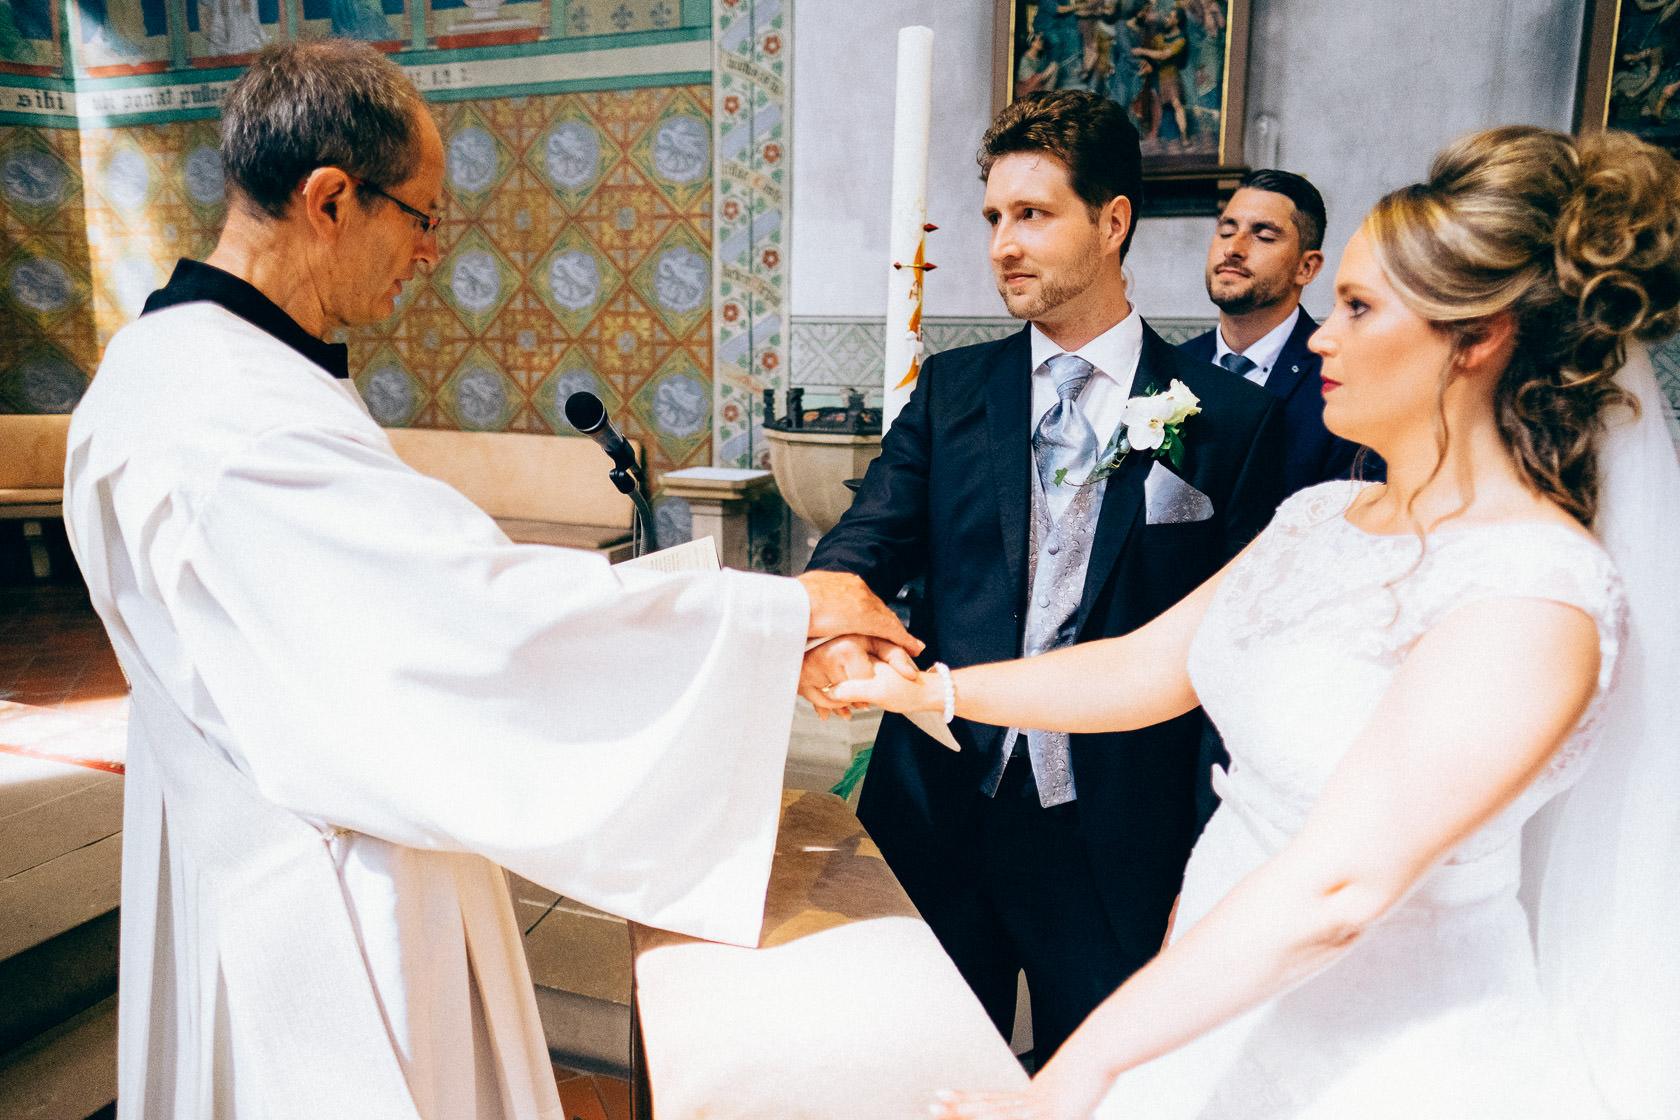 Blauweiße Hochzeit in Bad Kreuznach Segnung der Ringe und Ringübergabe